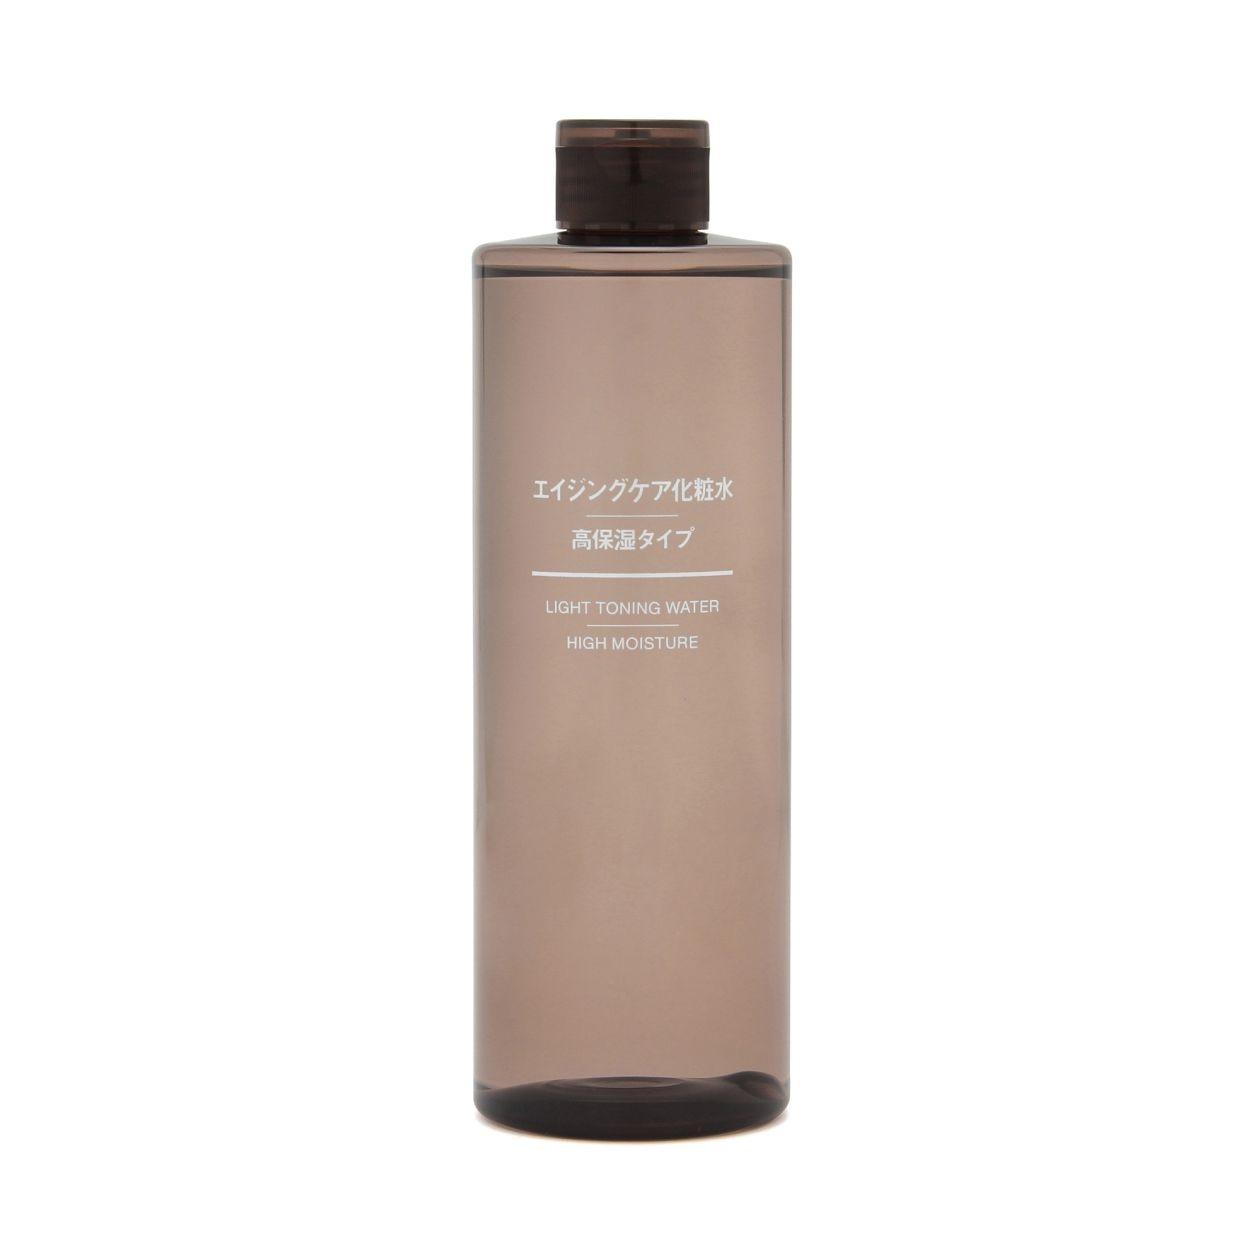 エイジングケア化粧水・高保湿タイプ(大容量)